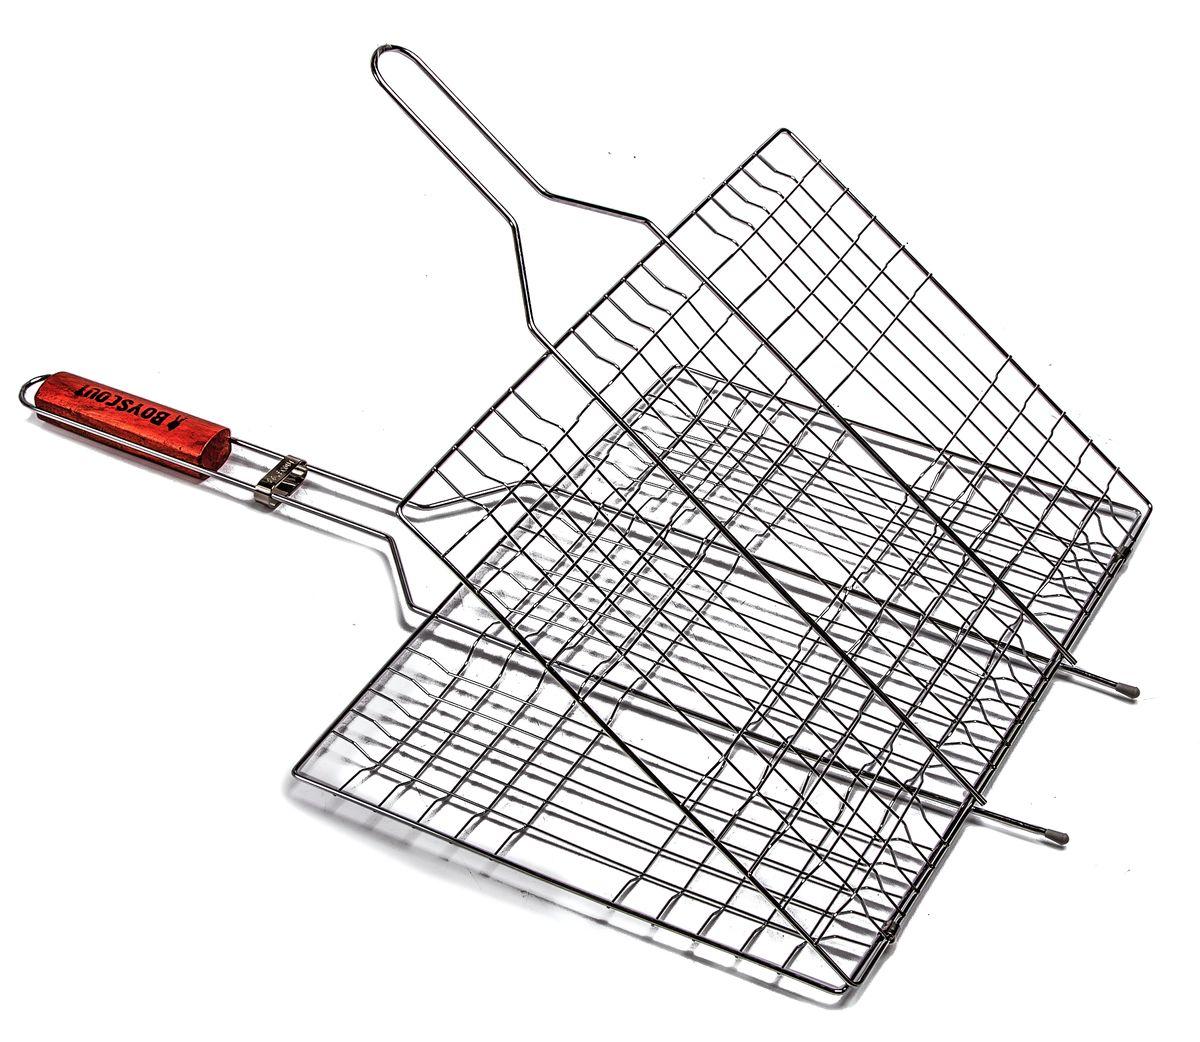 Решетка-гриль Boyscout, с антипригарным покрытием, 67 см х 40 см х 2,5 см + ПОДАРОК: Веер для розжига Boyscout61312Решетка-гриль Boyscout предназначена для приготовления пищи на открытом воздухе. Изготовлена из высококачественной стали с антипригарным покрытием. Решетка имеет деревянную вставку на ручке, предохраняющую руки от ожогов и позволяющую без труда перевернуть решетку. Надежное кольцо-фиксатор гарантирует, что решетка не откроется, и продукты не выпадут.Приготовление вкусных блюд из рыбы, мяса или птицы на пикнике становится еще более быстрым и удобным с использованием решетки-гриль. К решетке прилагается подарок - веер для розжига, выполненный из плотного картона.Размер рабочей поверхности: 40 см х 30 см х 2,5 смДлина ручки: 32 смРазмер веера: 21 см х 15 см х 0,5 см.